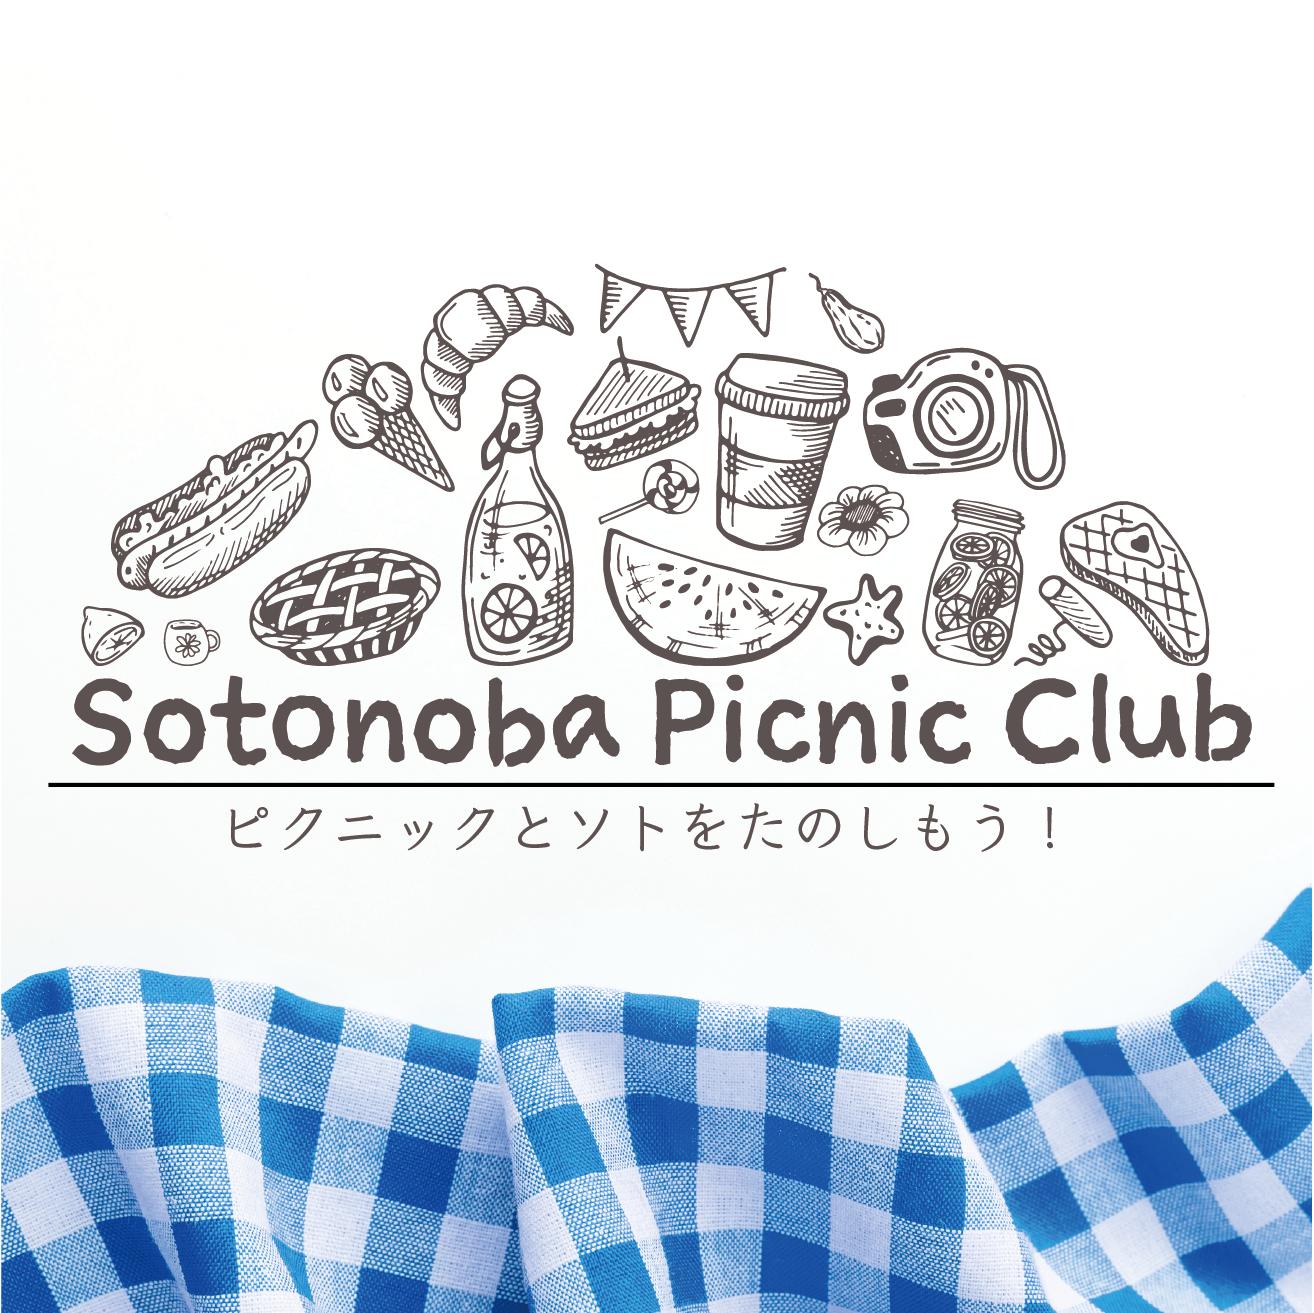 ソトノバ・ピクニッククラブ